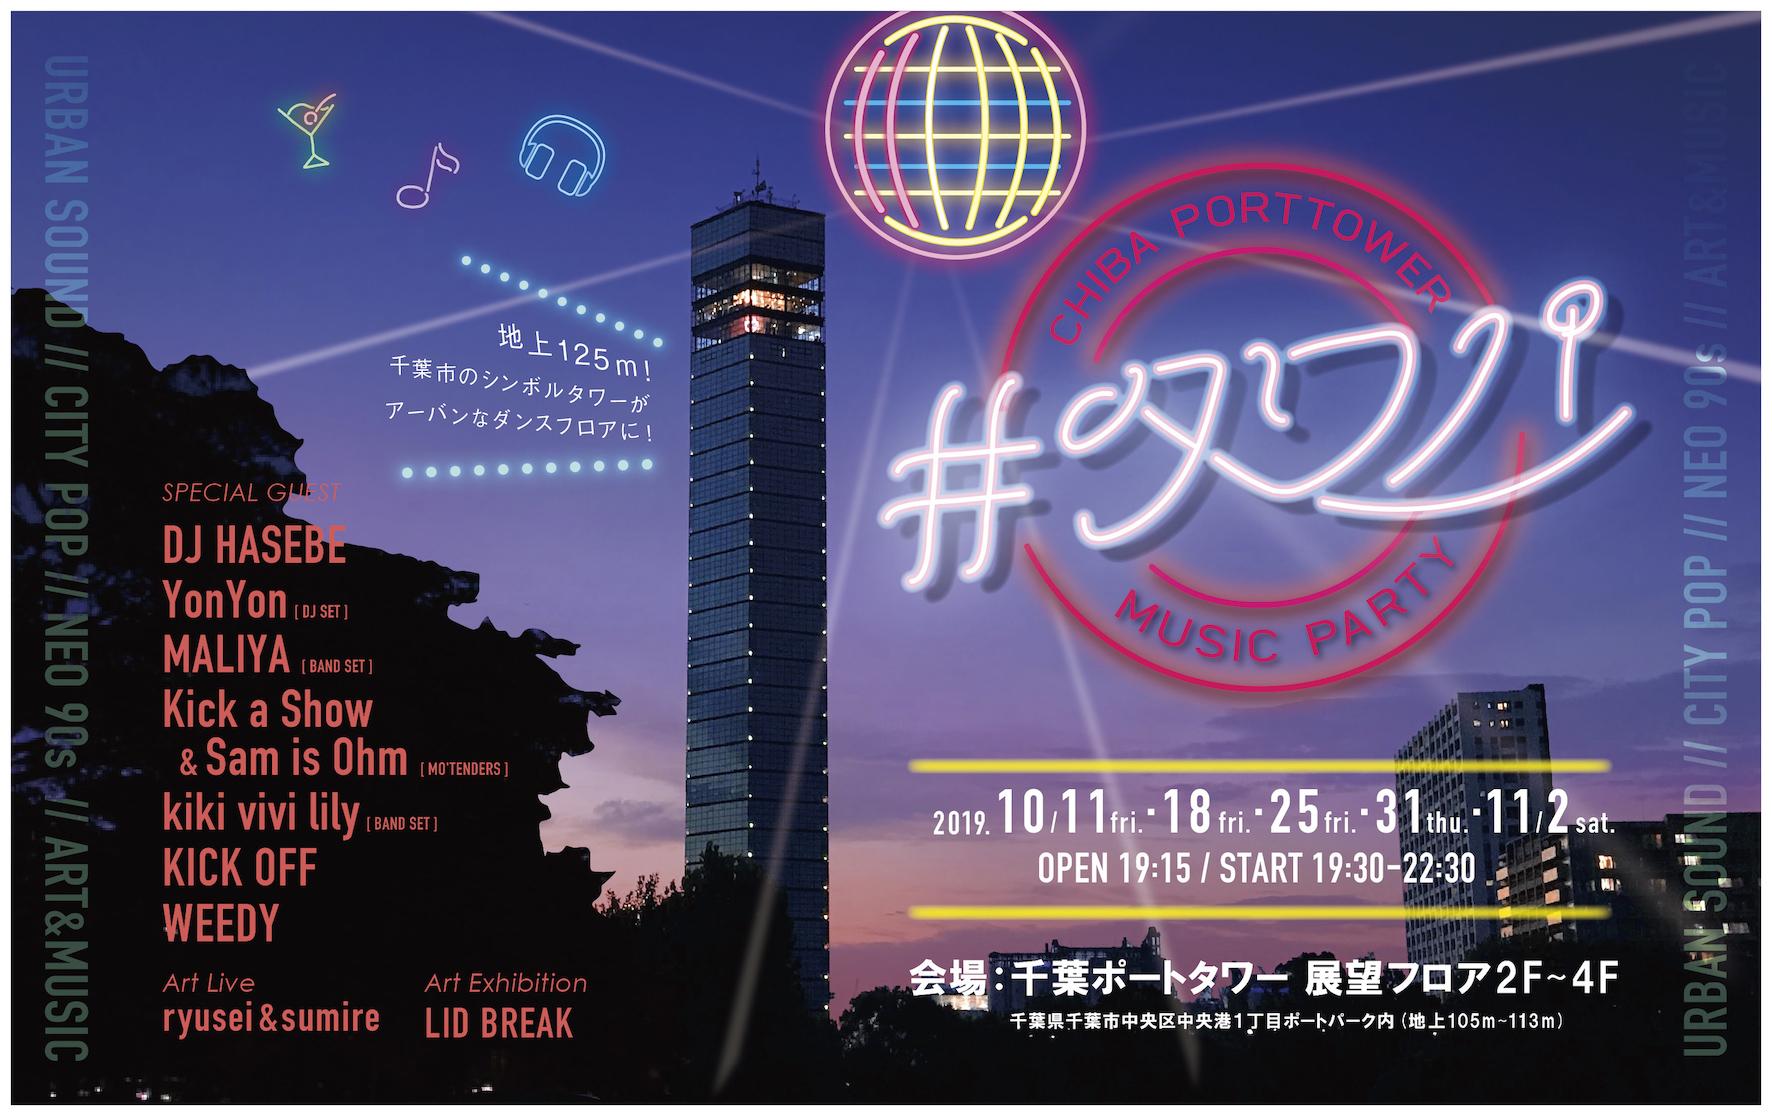 #タワパ -Chiba Porttower Music Party- DAY2 ft. MALIYA , WEEDY